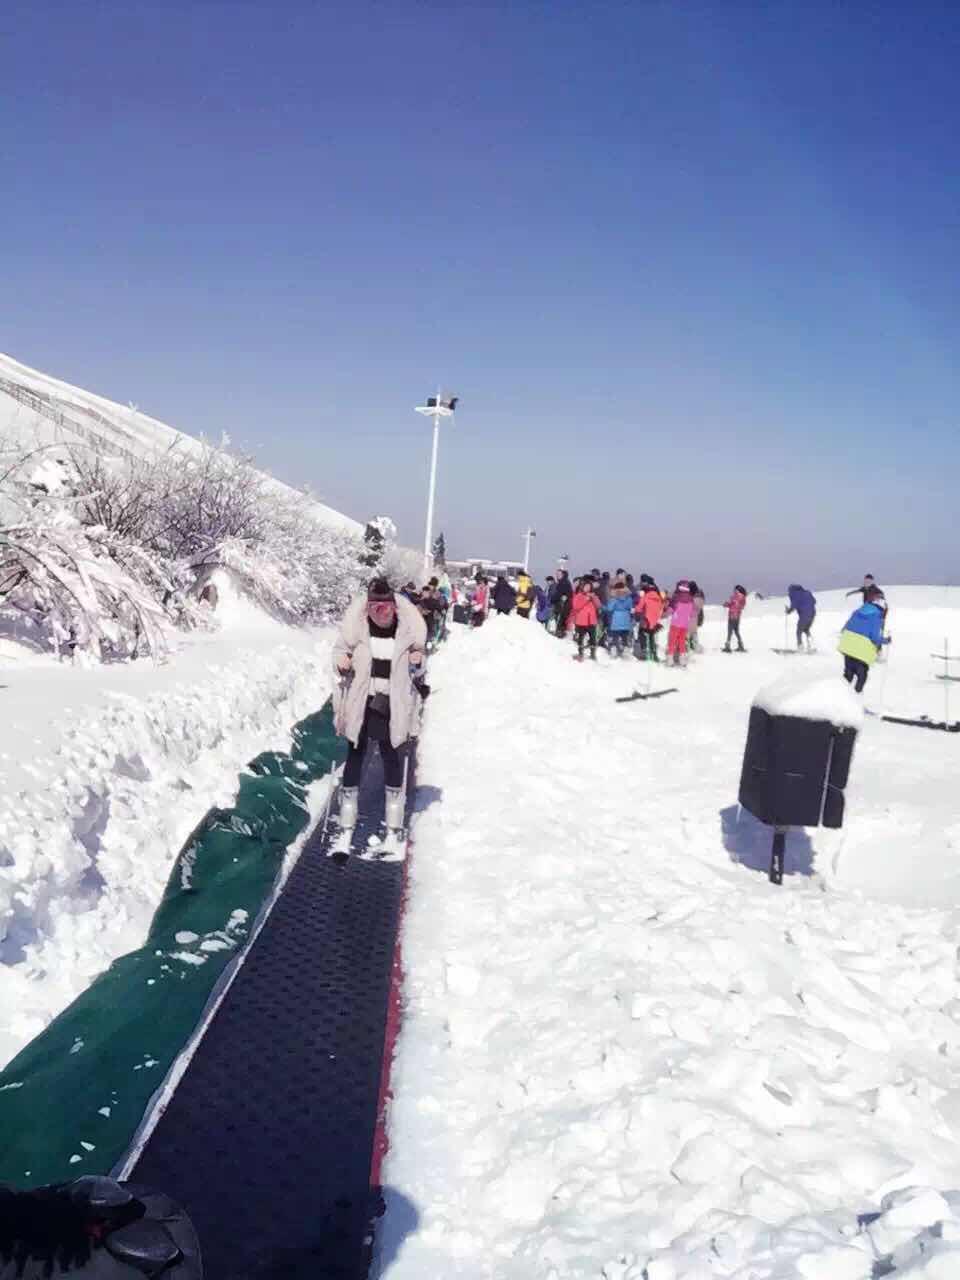 享江南天池高山滑雪,观江南天池景区,入住安吉大年初一风景度假村 图片